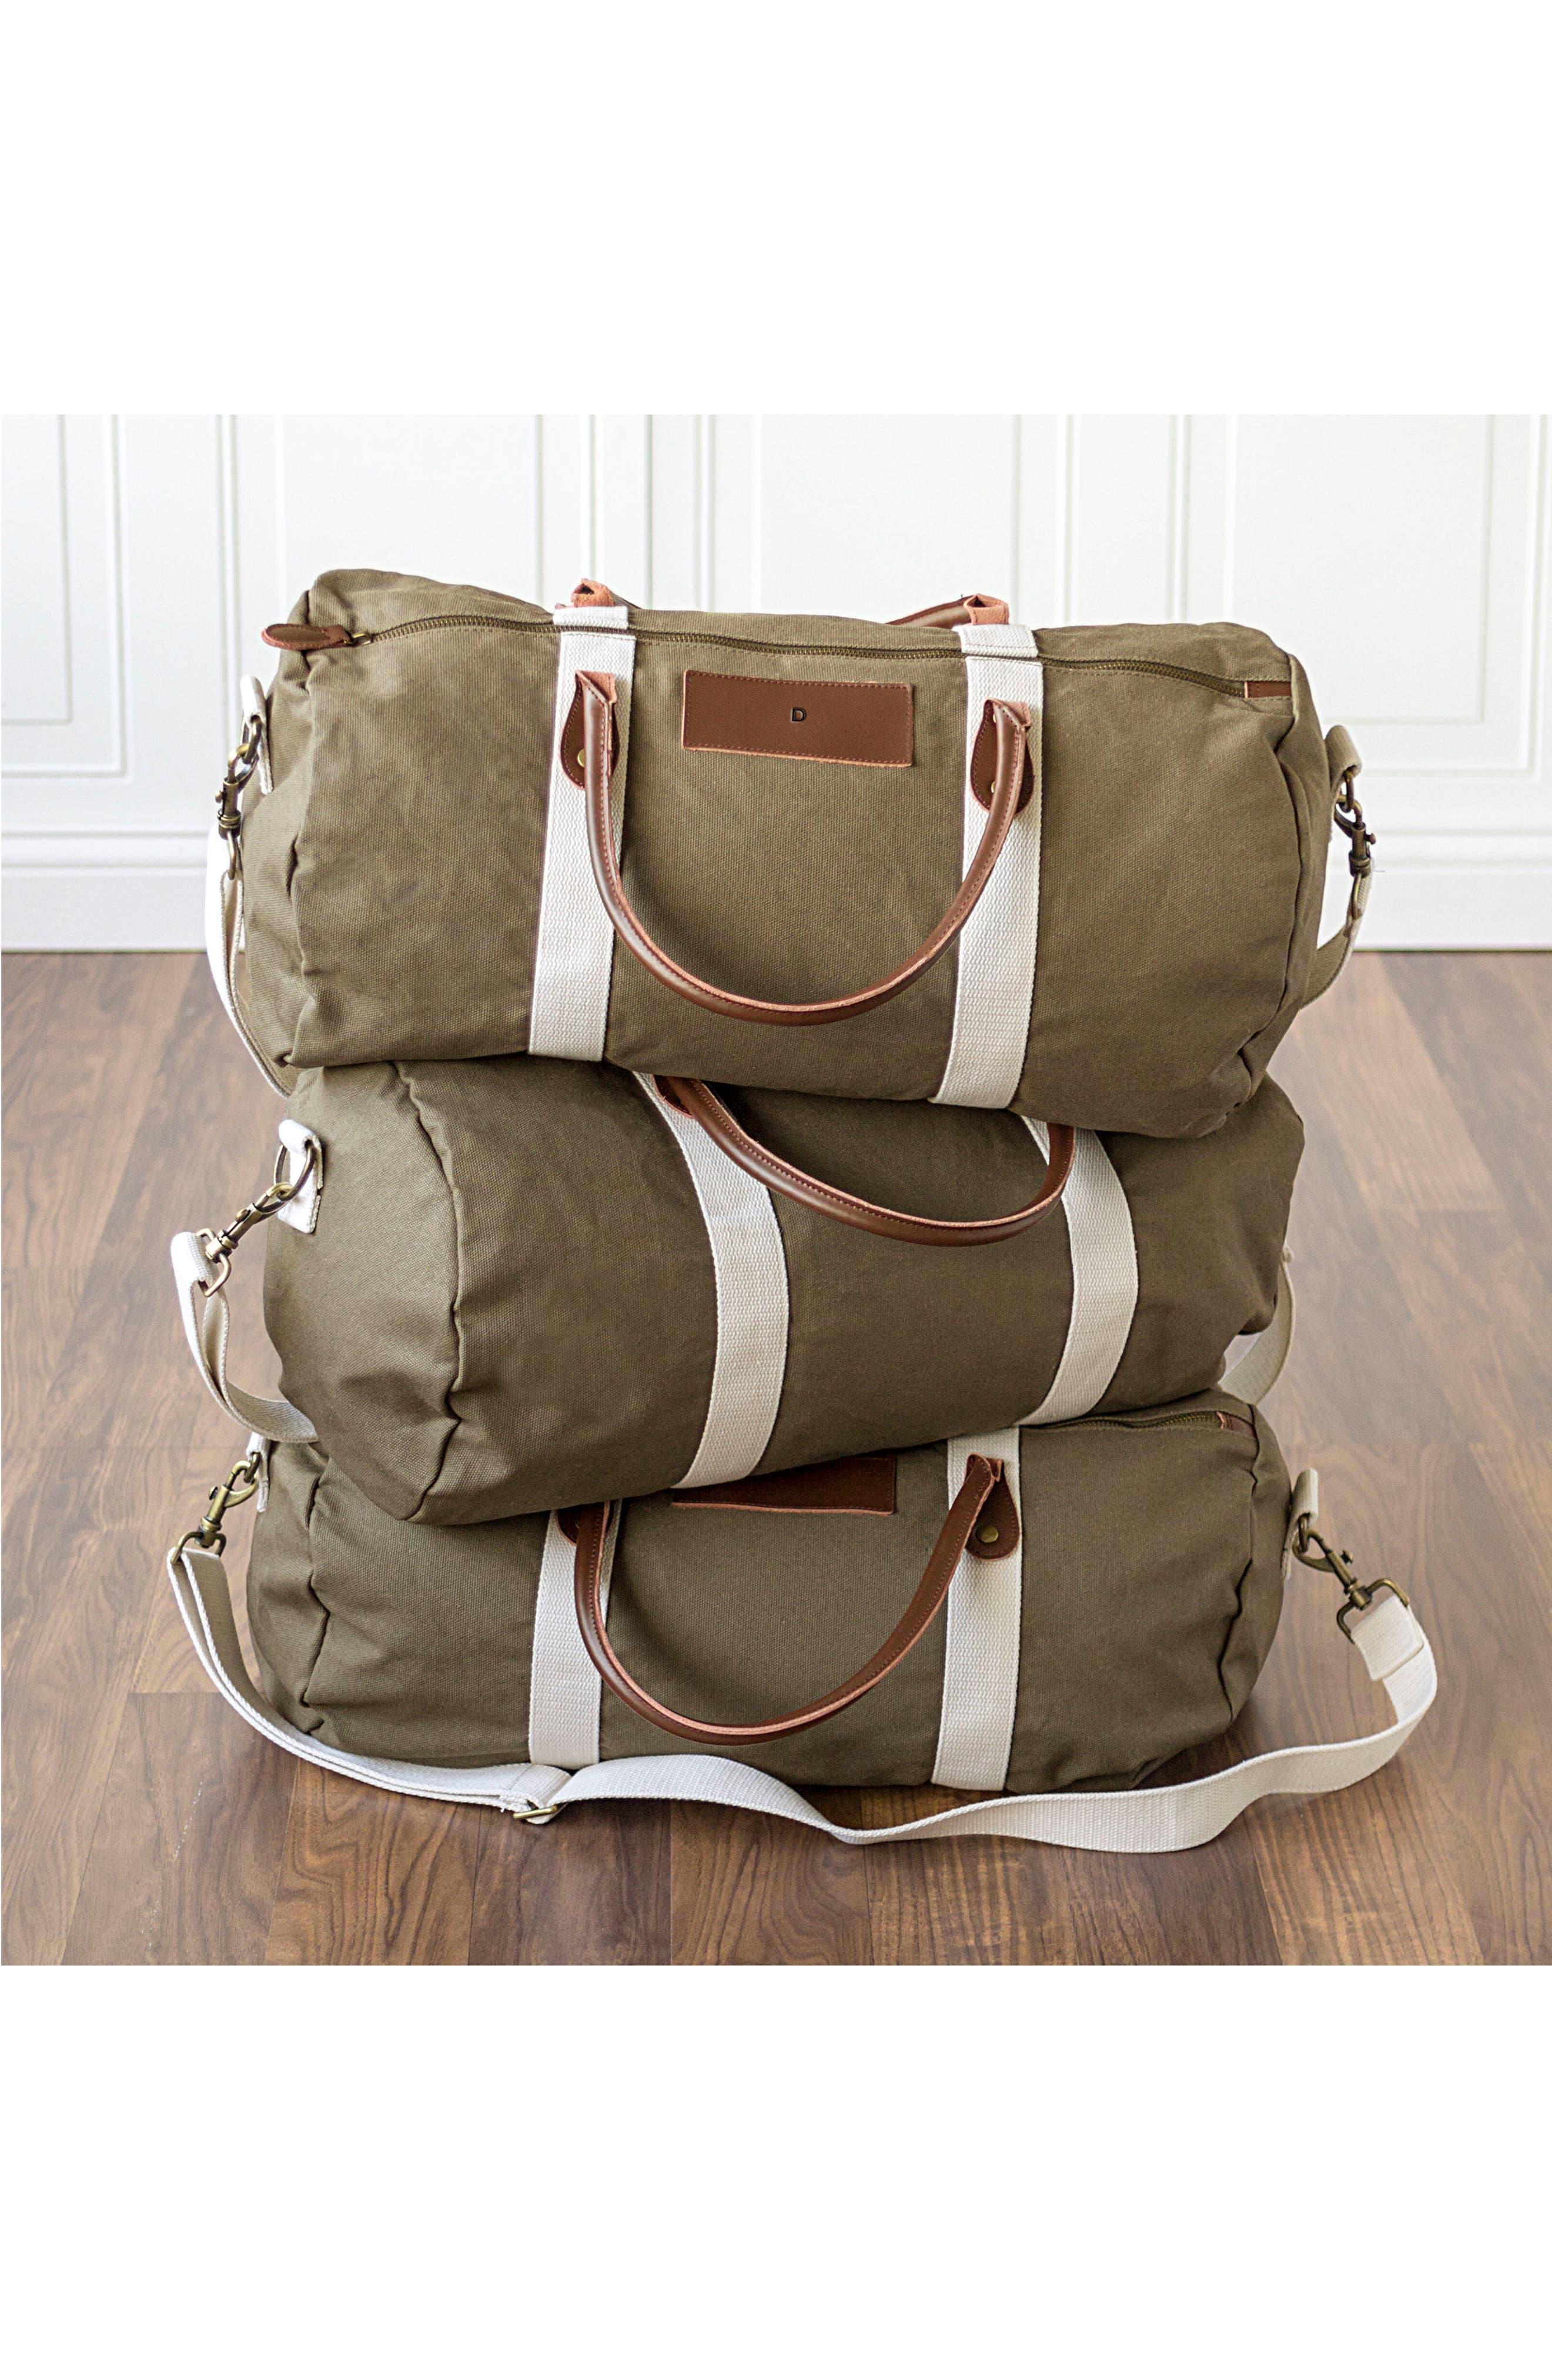 Monogram Duffel Bag,                             Alternate thumbnail 7, color,                             GREEN